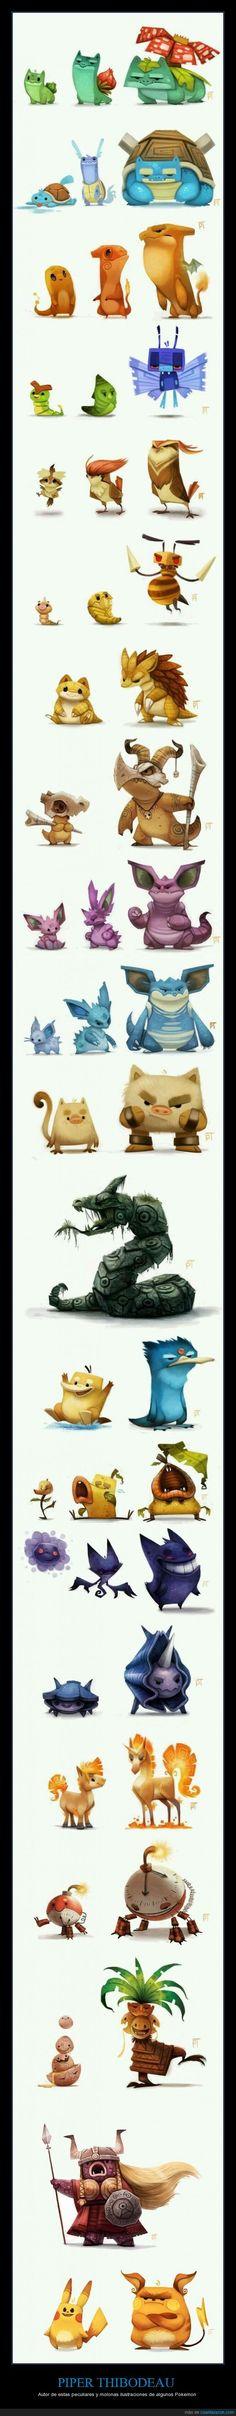 PIPER THIBODEAU - Autor de estas peculiares y molonas ilustraciones de algunos Pokemon